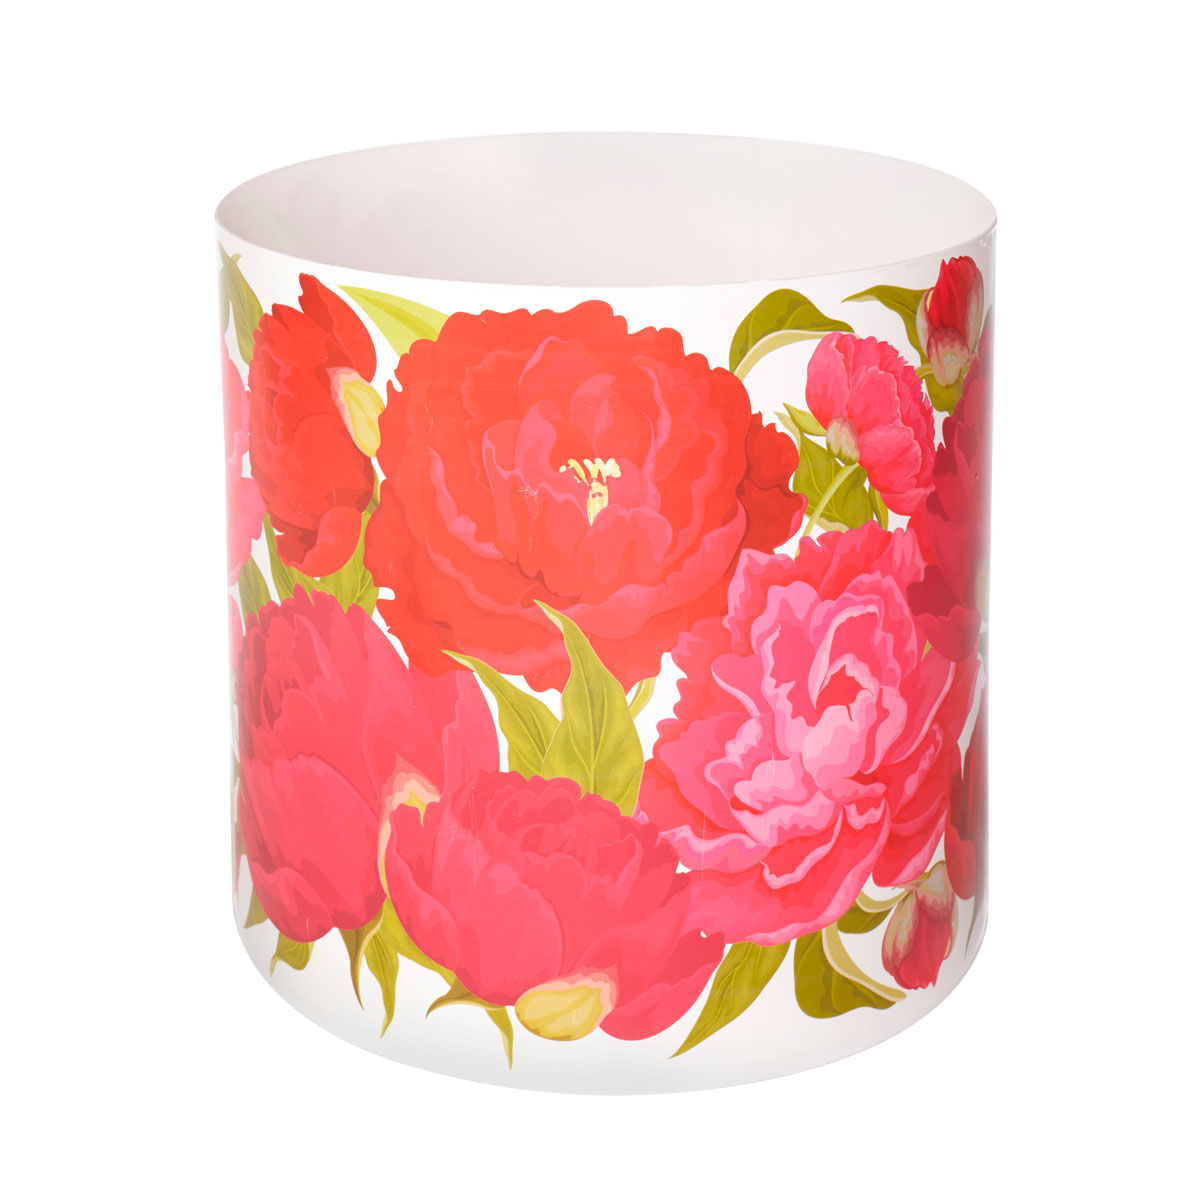 Горшок для цветов Miolla Пионы, со скрытым поддоном, 2,8 лSMG-24Горшок для цветов Miolla Пионы со скрытым поддоном выполнен из пластика.Диаметр горшка: 16,5 см.Высота горшка (с учетом поддона): 16 см.Объем горшка: 2,8 л.